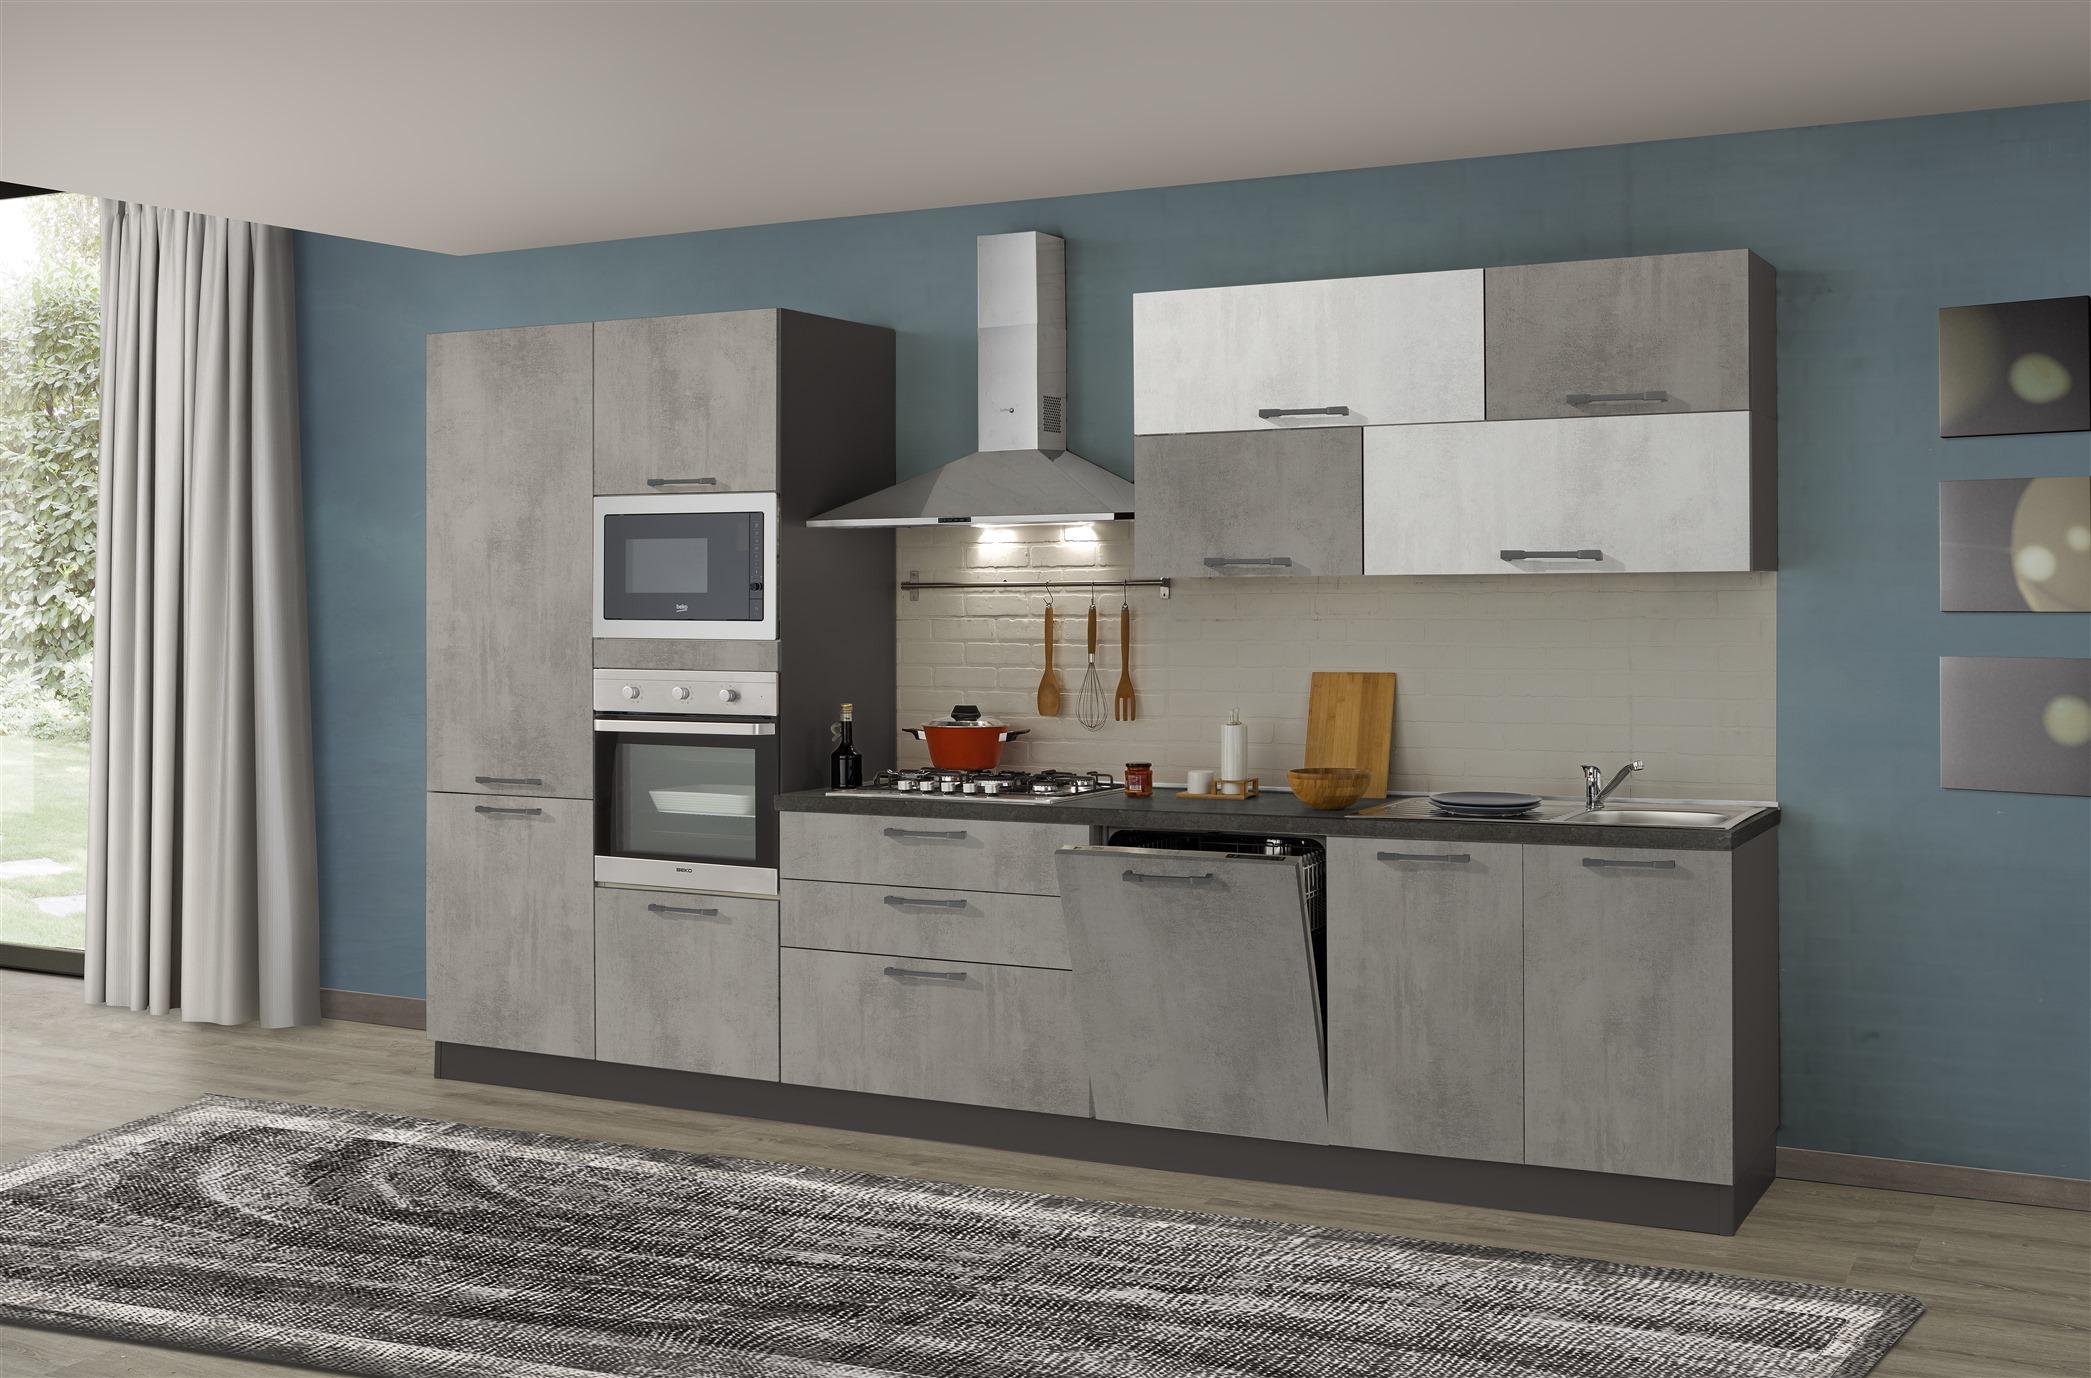 Cucina Kira 360 Micro cemento | Arredamenti Di Lorenzo Napoli